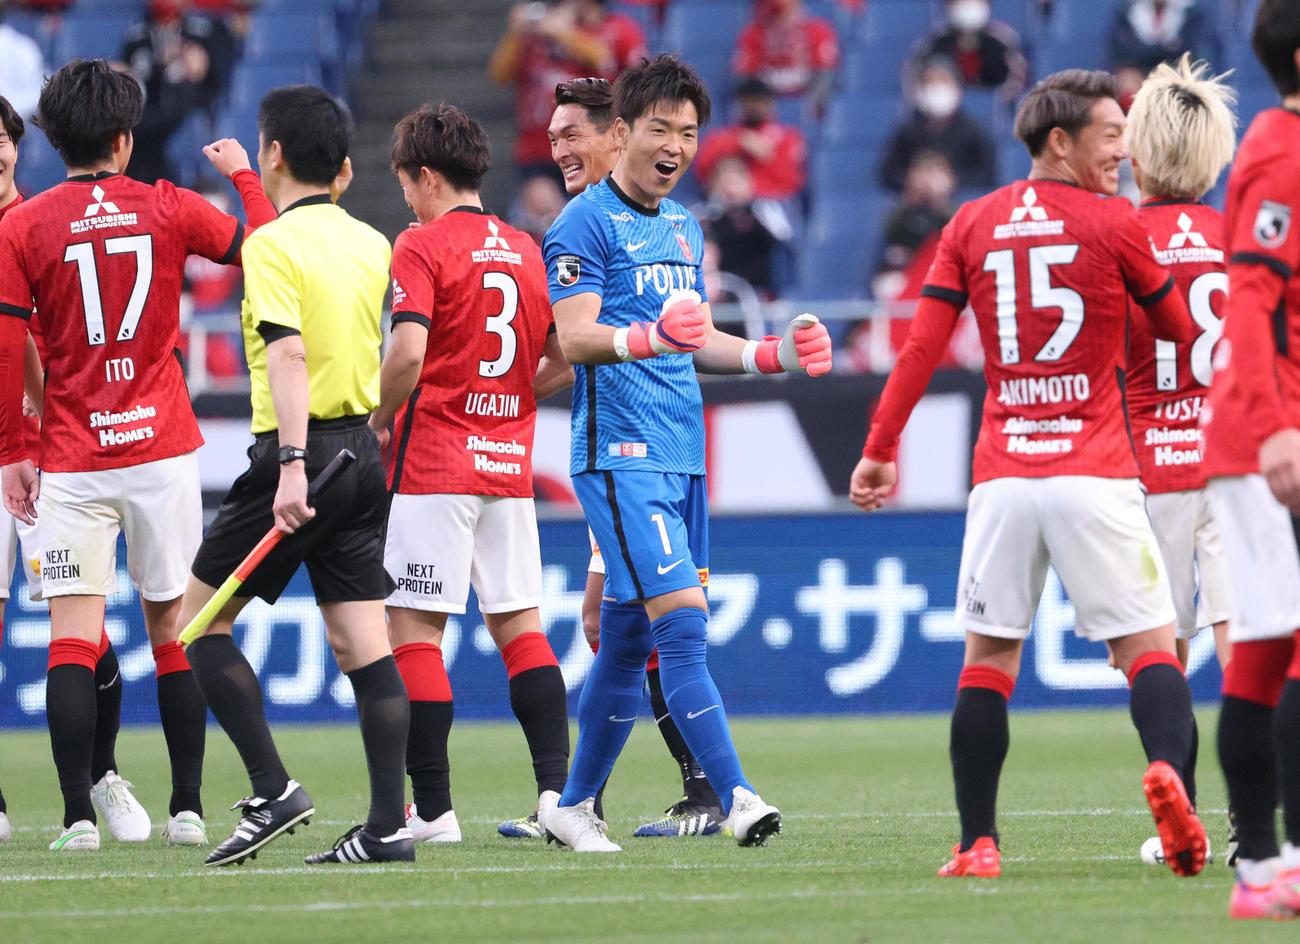 浦和対徳島 試合終了でガッツポーズする浦和GK西川(中央)と勝利を喜ぶイレブン(撮影・中島郁夫)